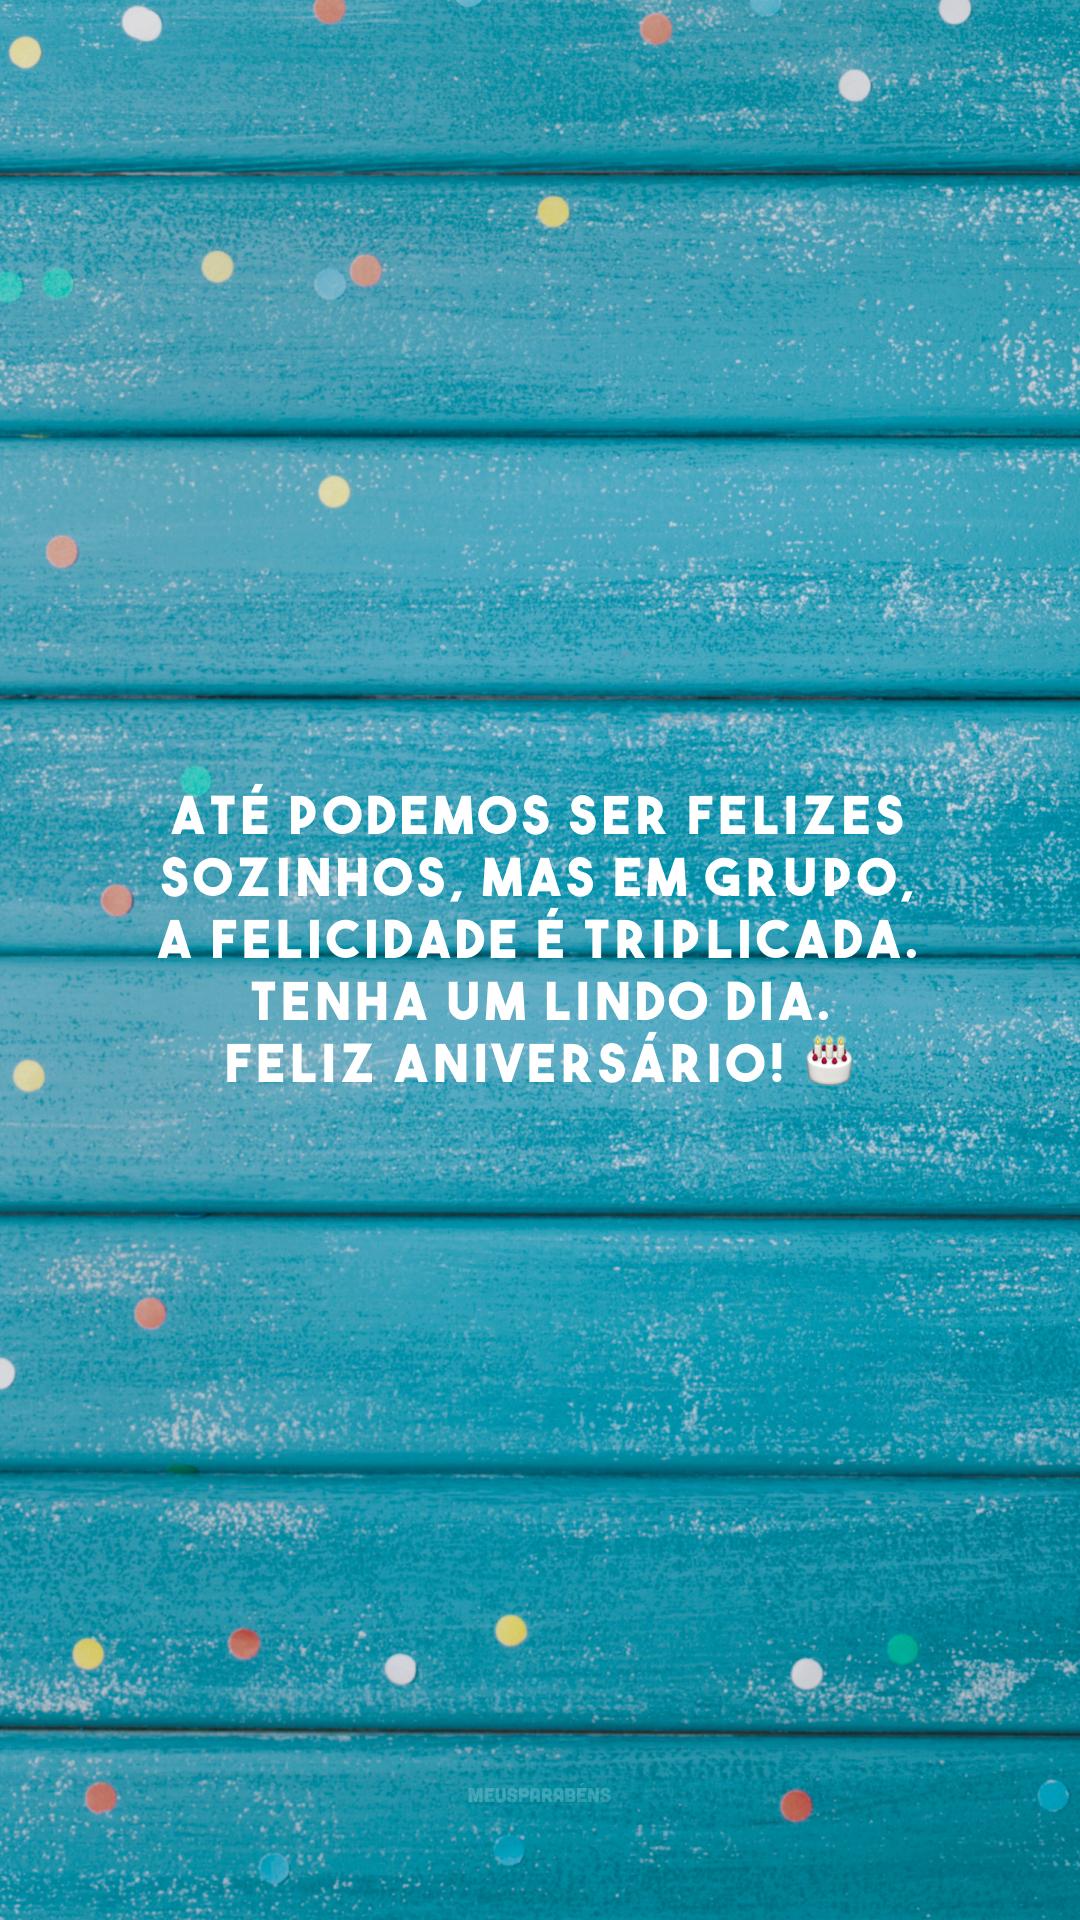 Até podemos ser felizes sozinhos, mas em grupo, a felicidade é triplicada. Tenha um lindo dia. Feliz aniversário! 🎂